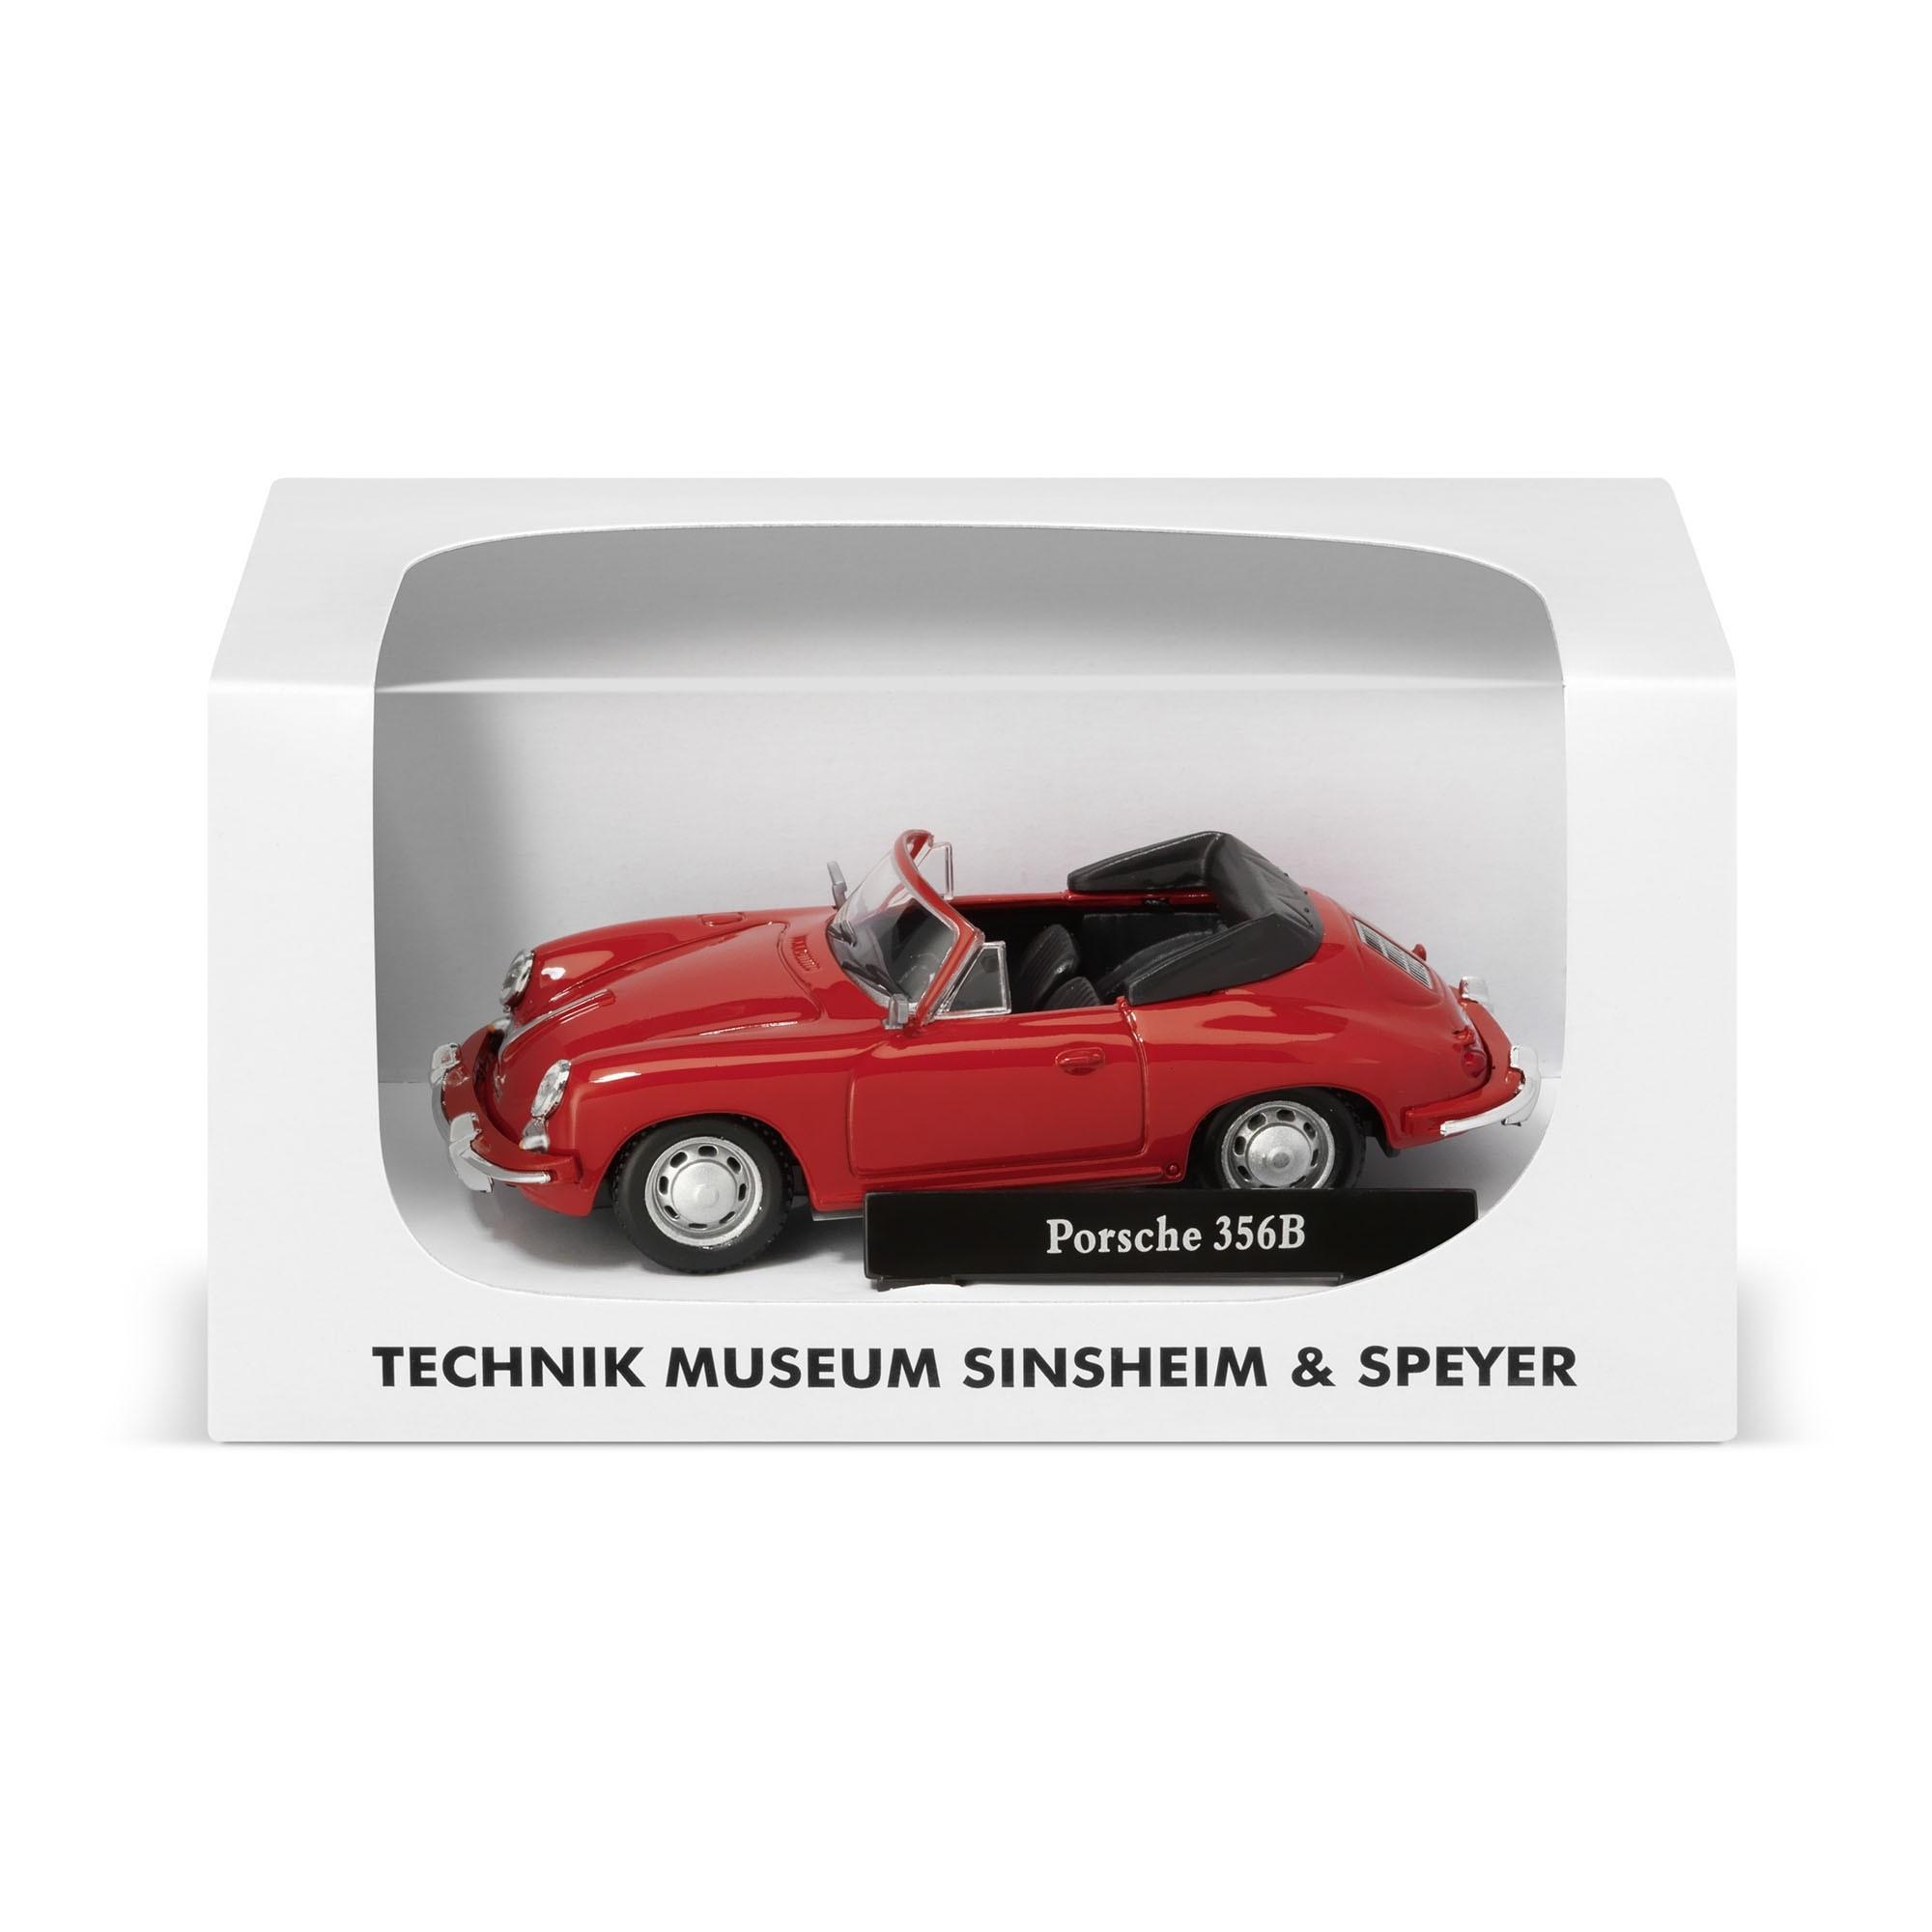 Porsche 356B - Technik Museen Sinsheim Speyer